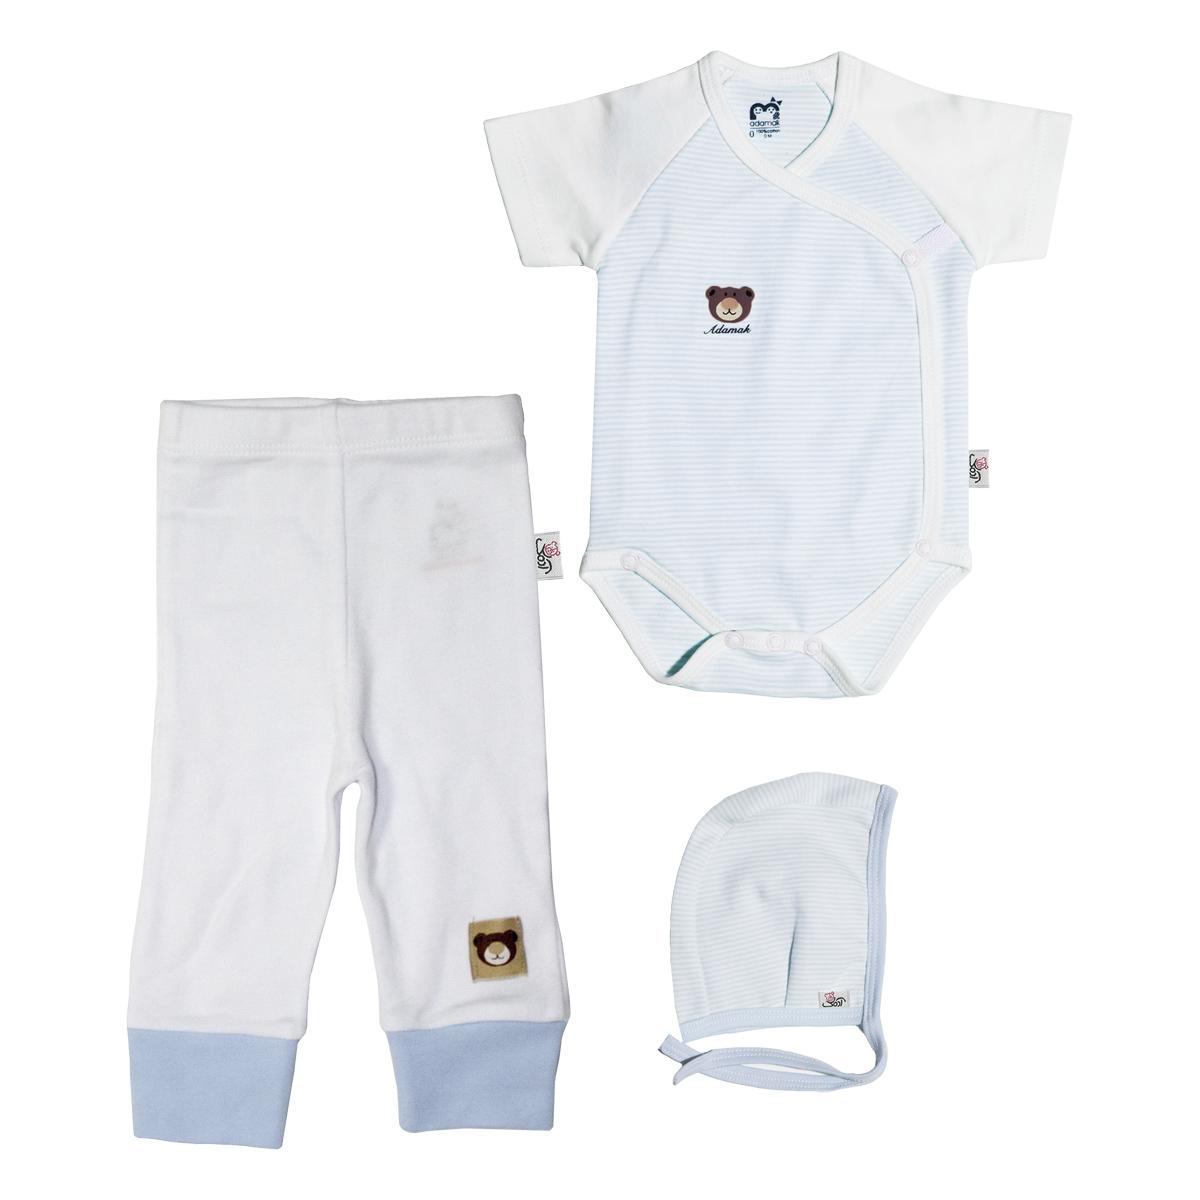 ست 3 تکه لباس نوزاد آدمک طرح راه راه کد 0-152115 رنگ آبی